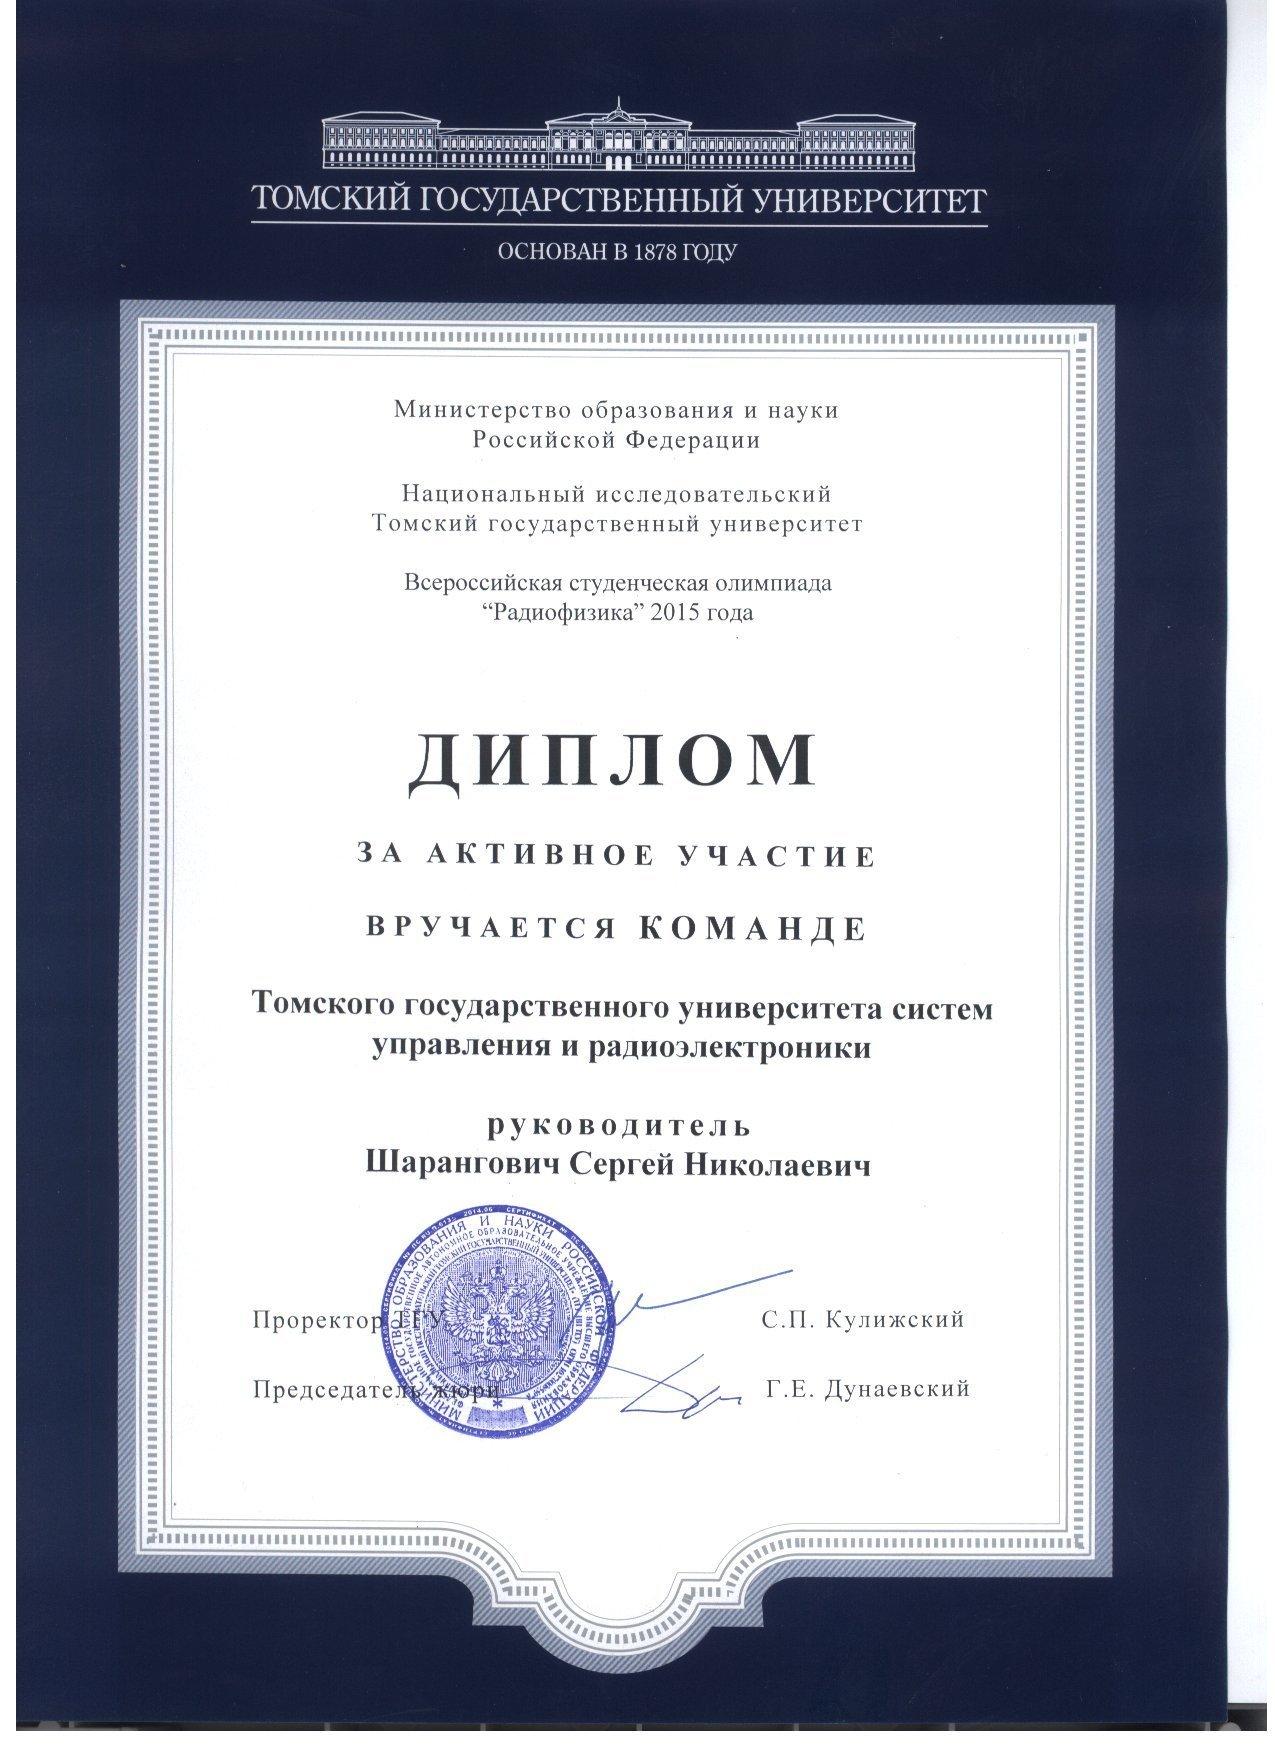 Студенты ТУСУР заняли призовые места наВсероссийской олимпиаде порадиофизике